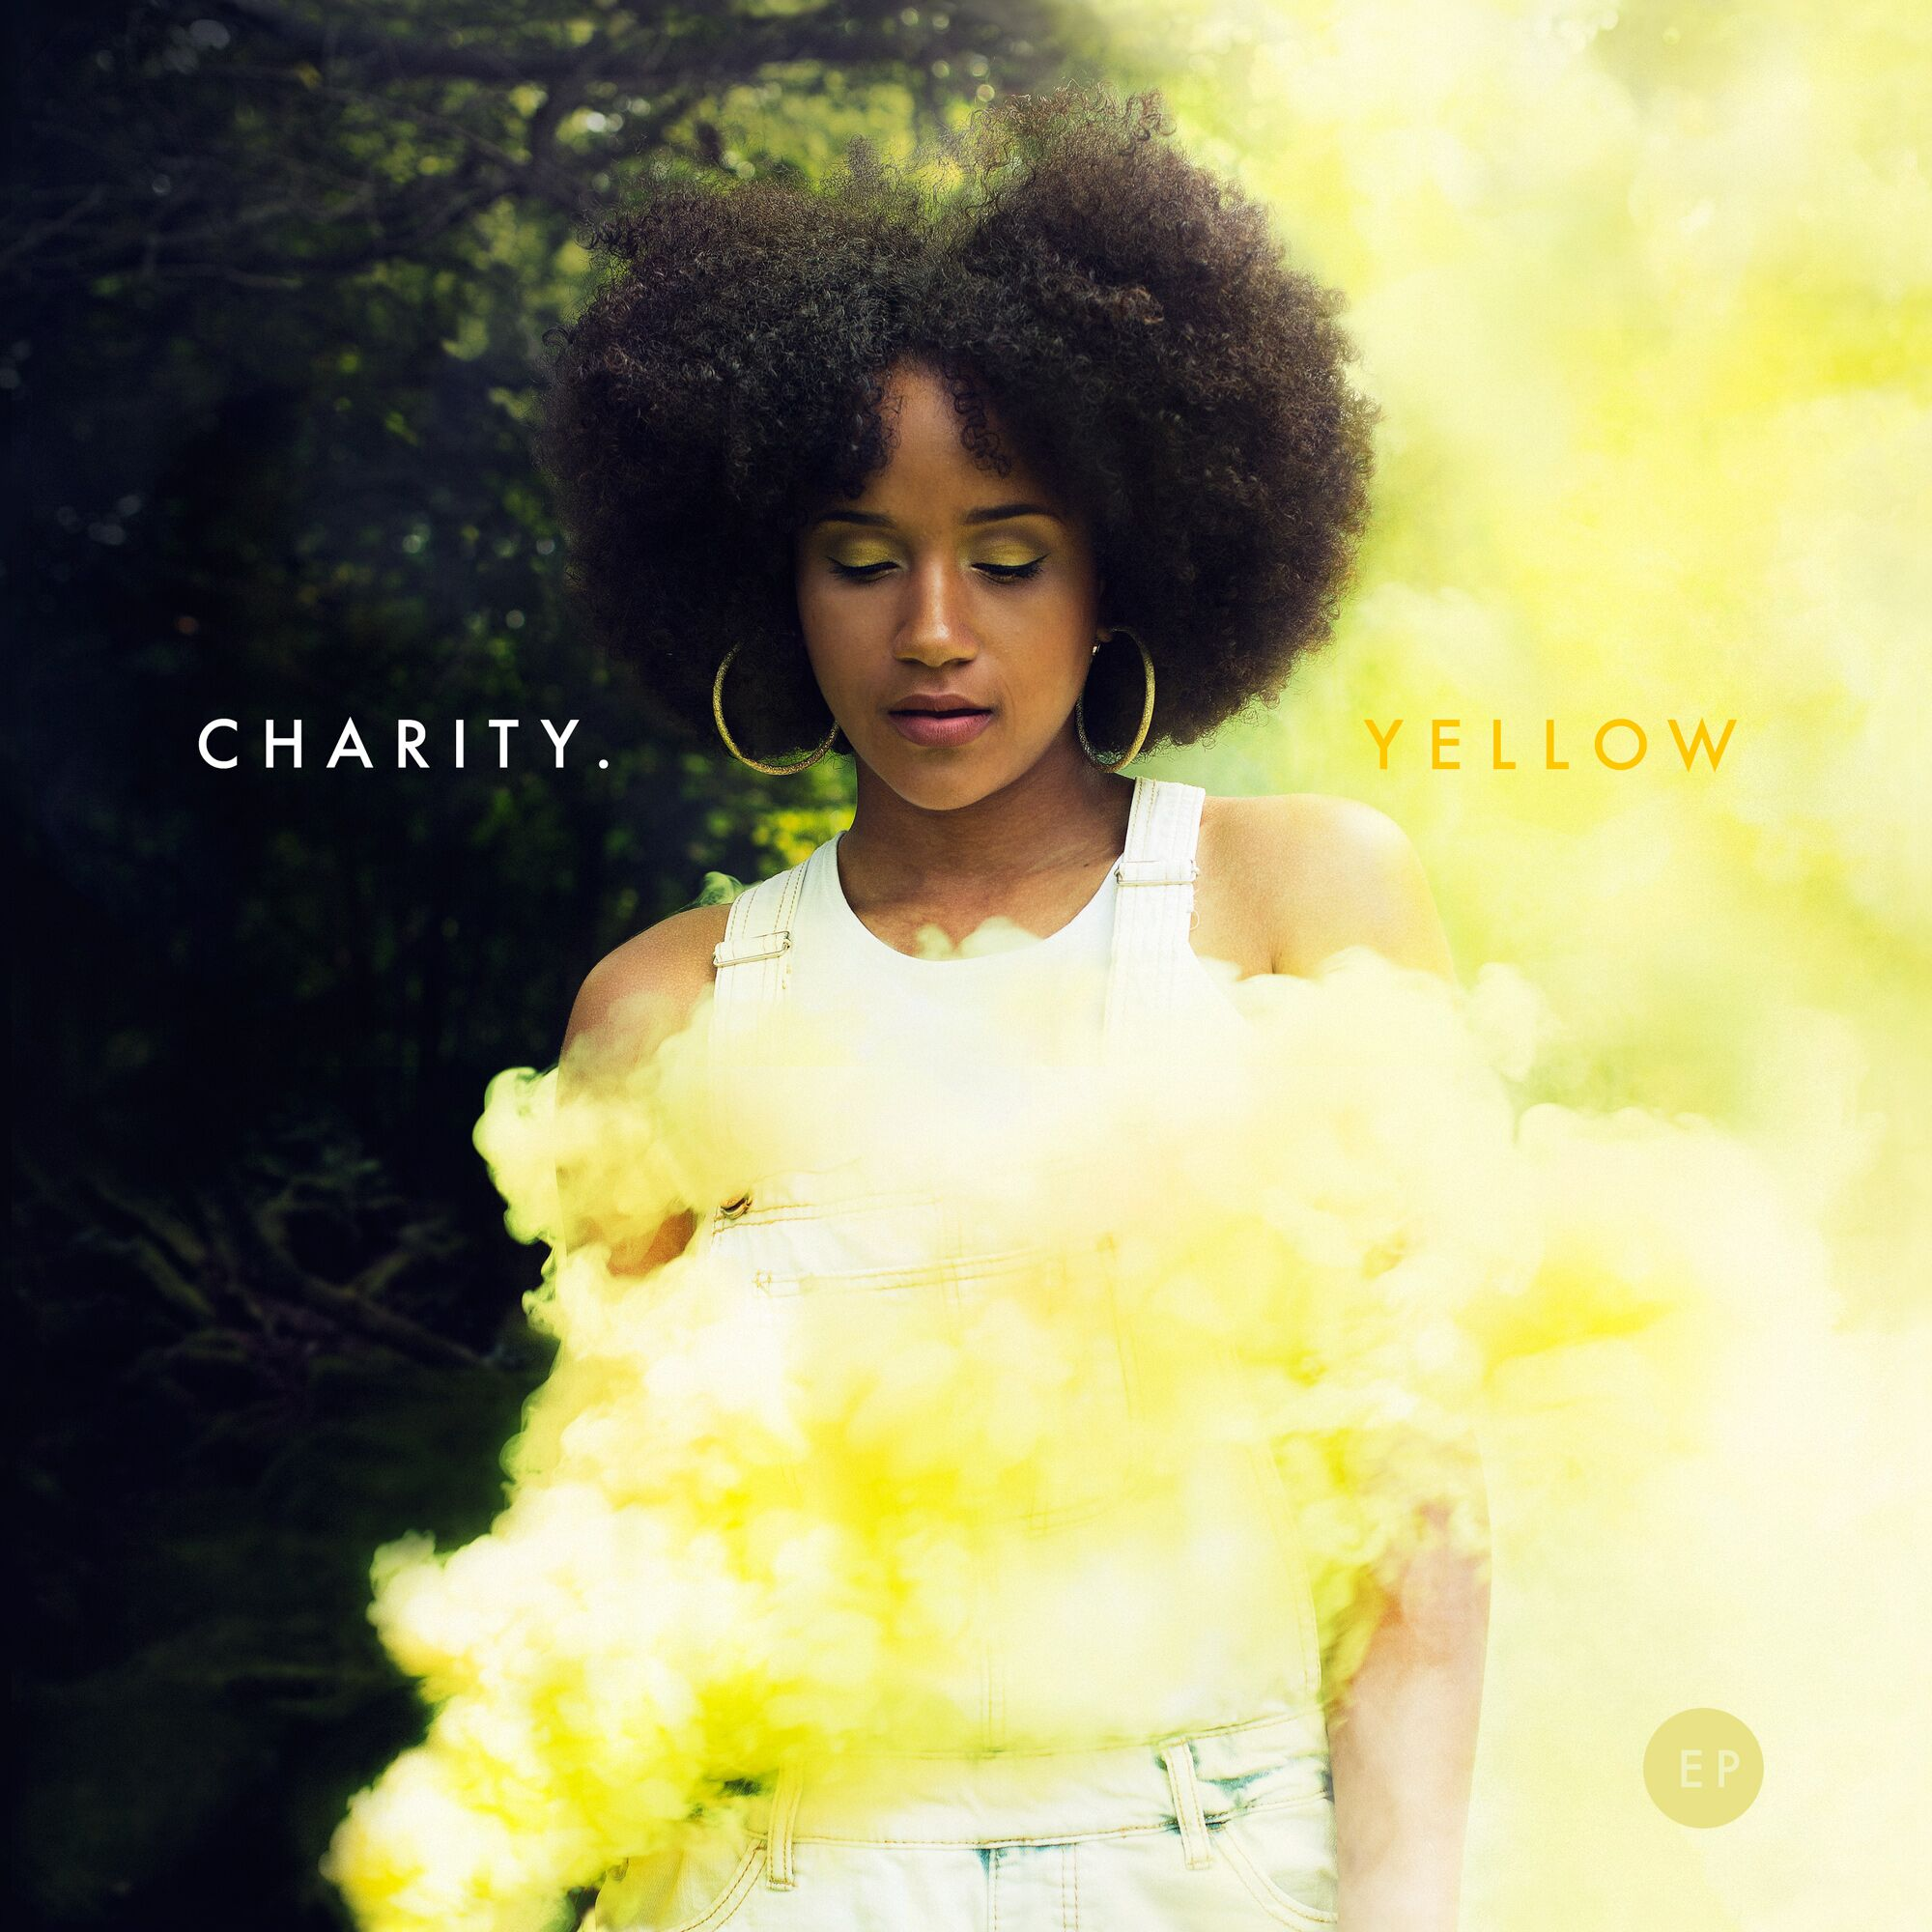 charityalbum